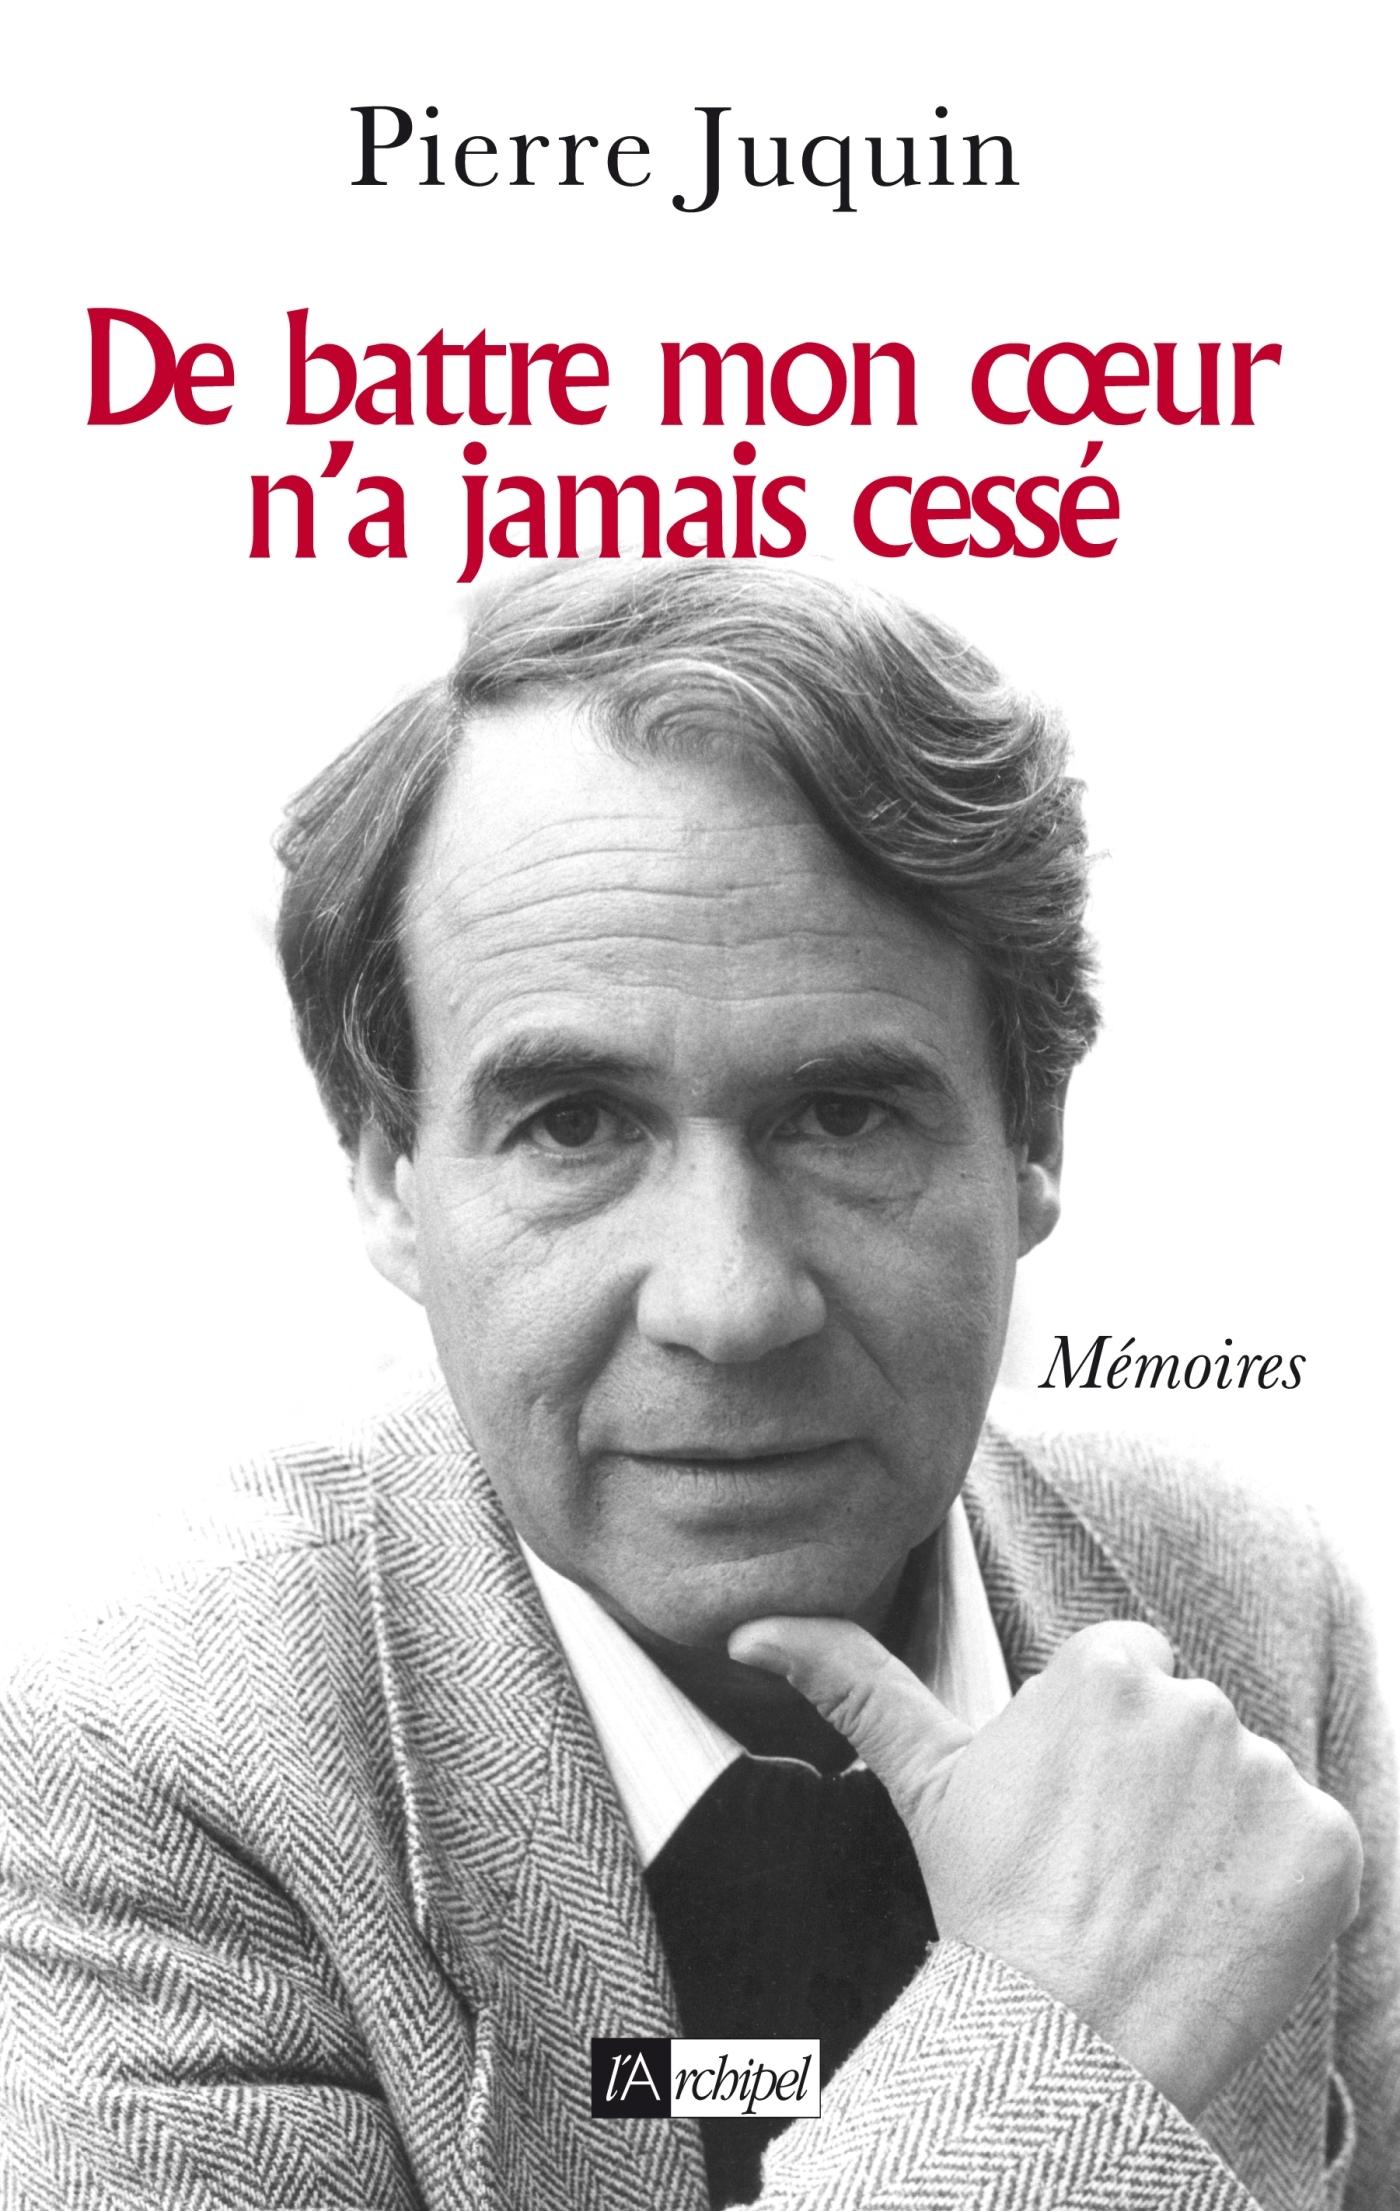 DE BATTRE MON COEUR N'A JAMAIS CESSE